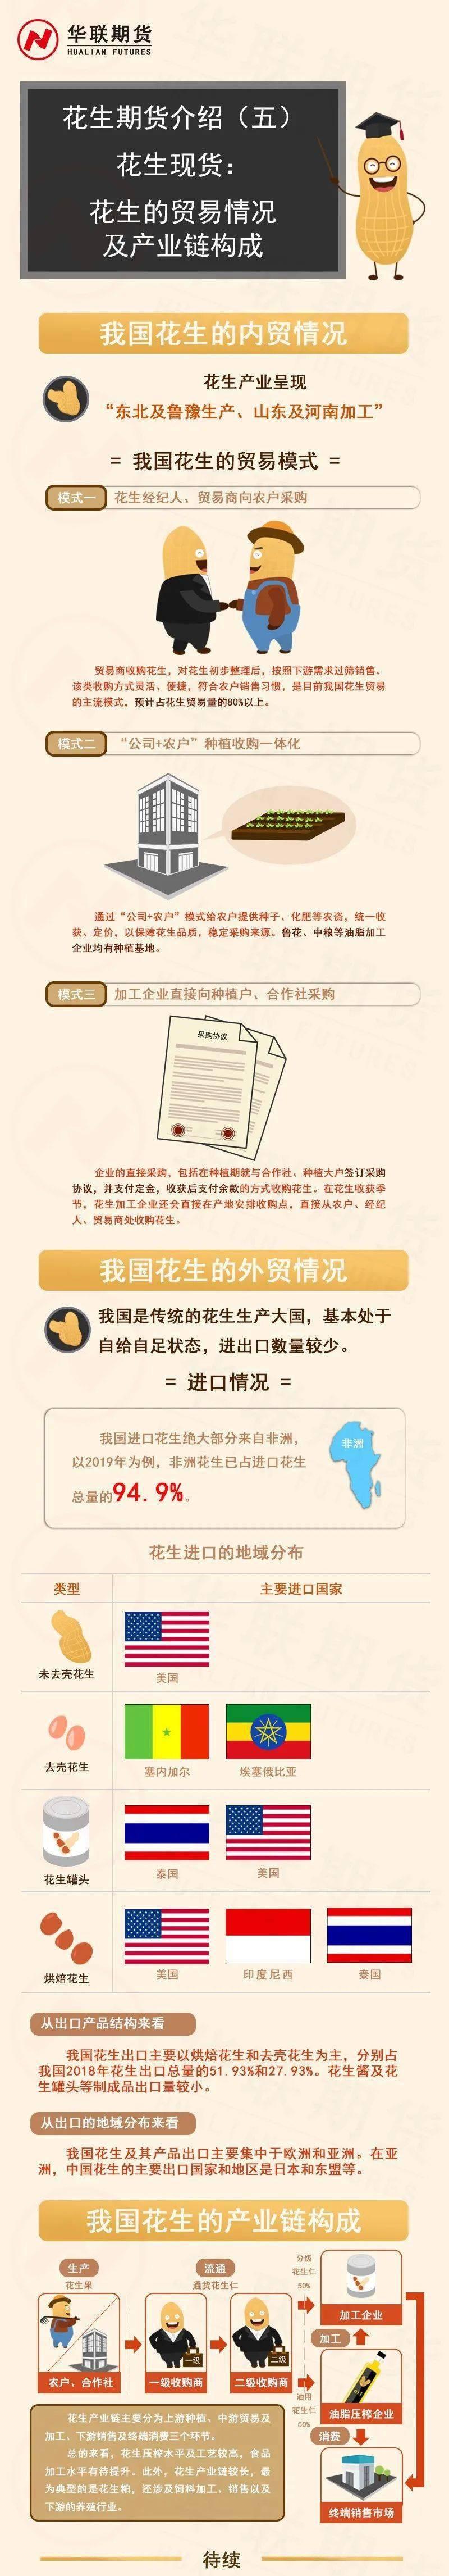 [图片]花生期货介绍(五)花生现货:花生贸易与产业链构成